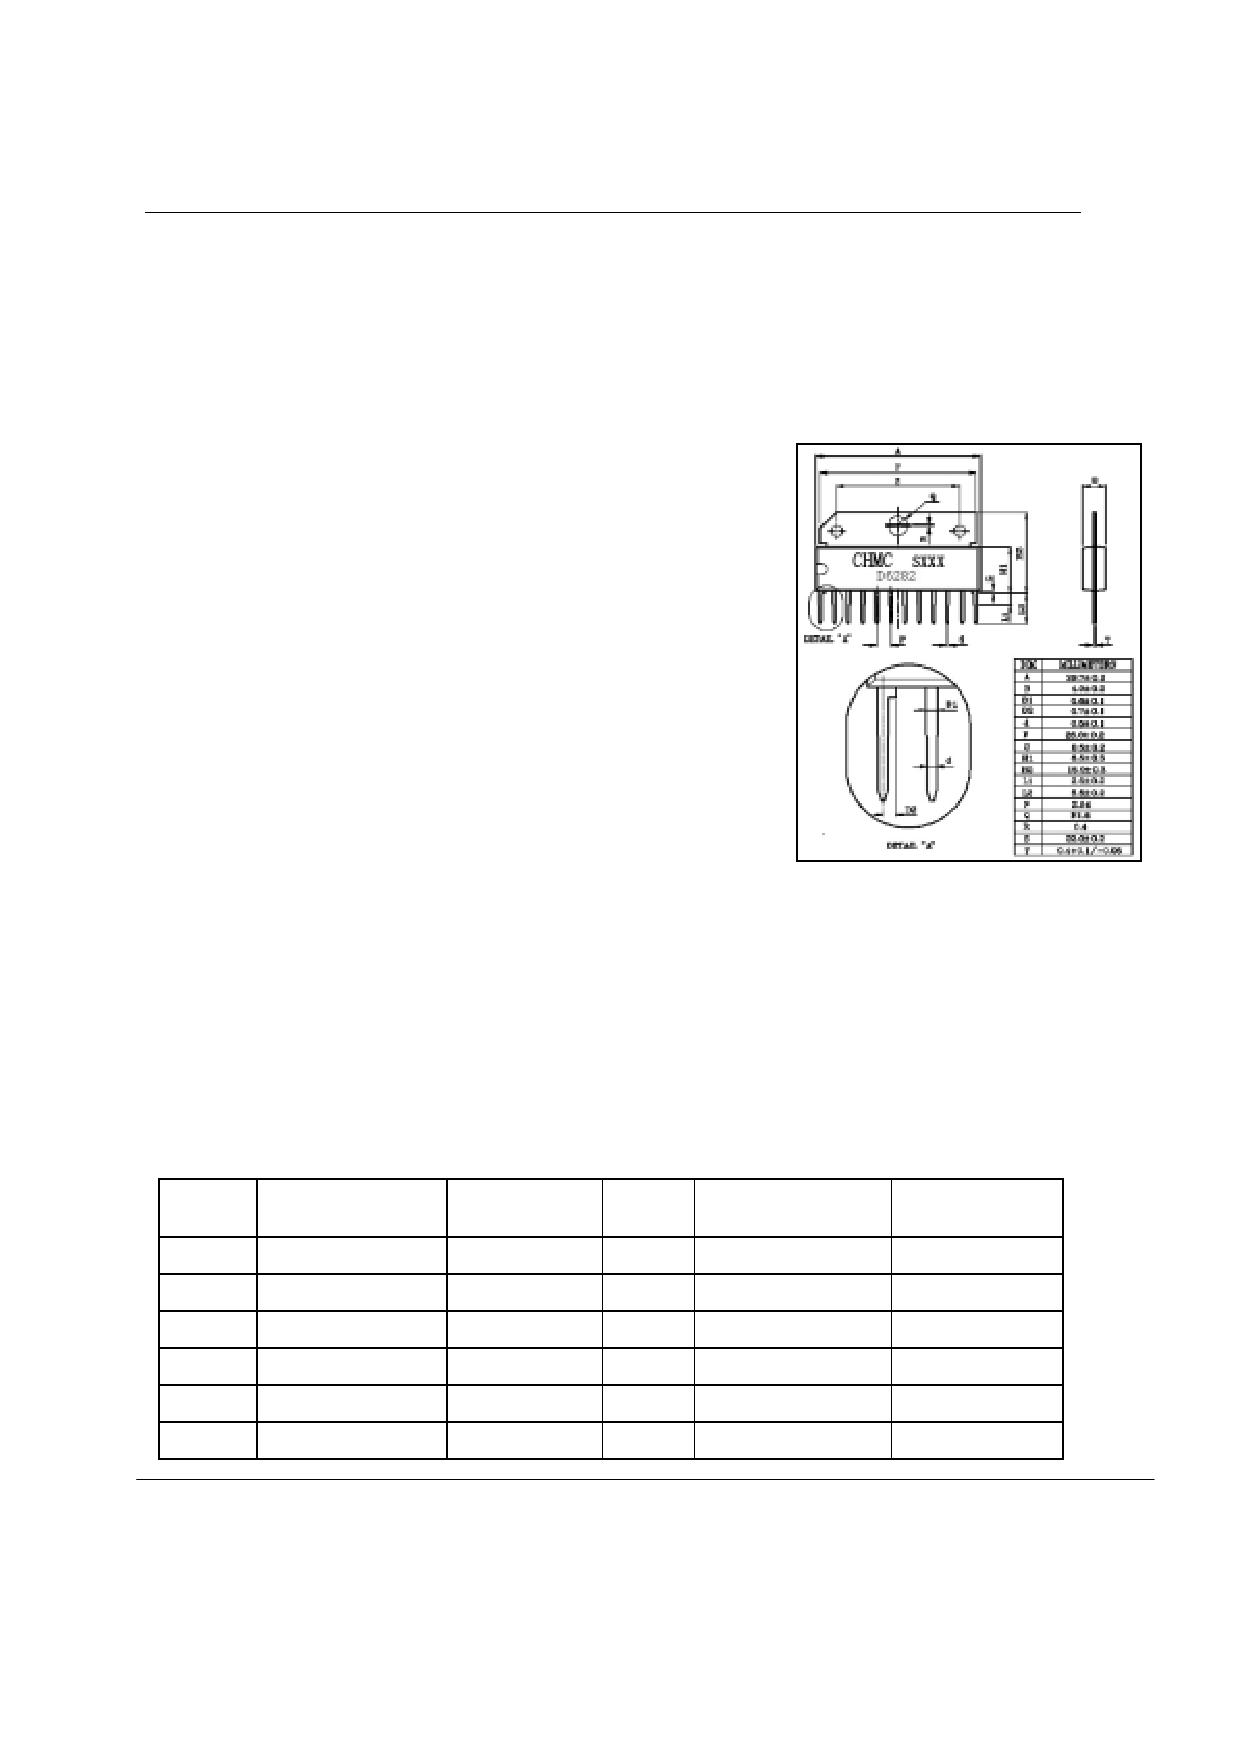 D6282 image